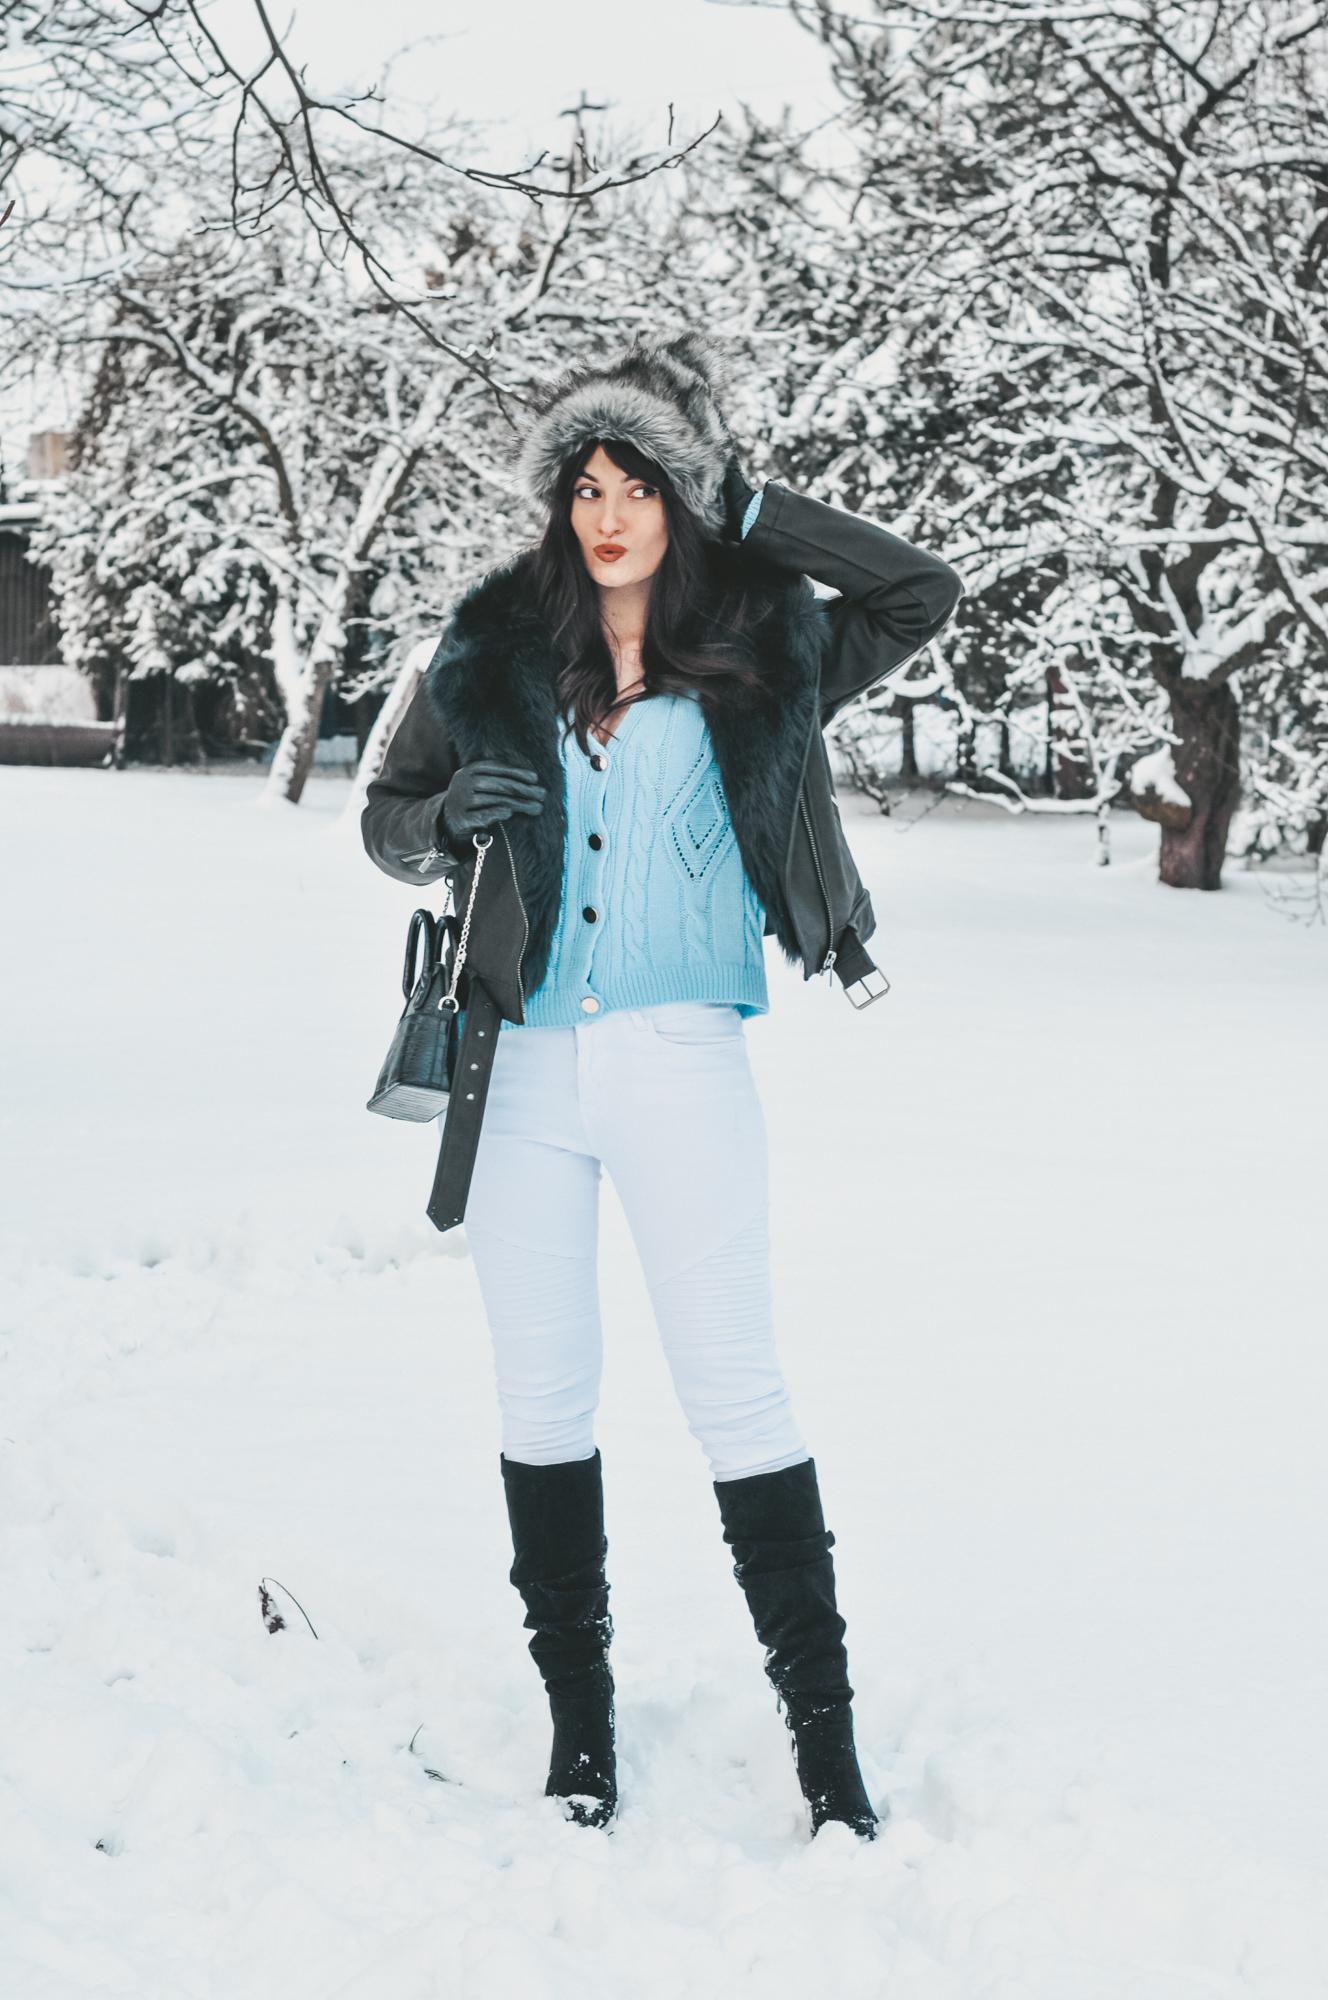 szara czapka zimowa stylizacja